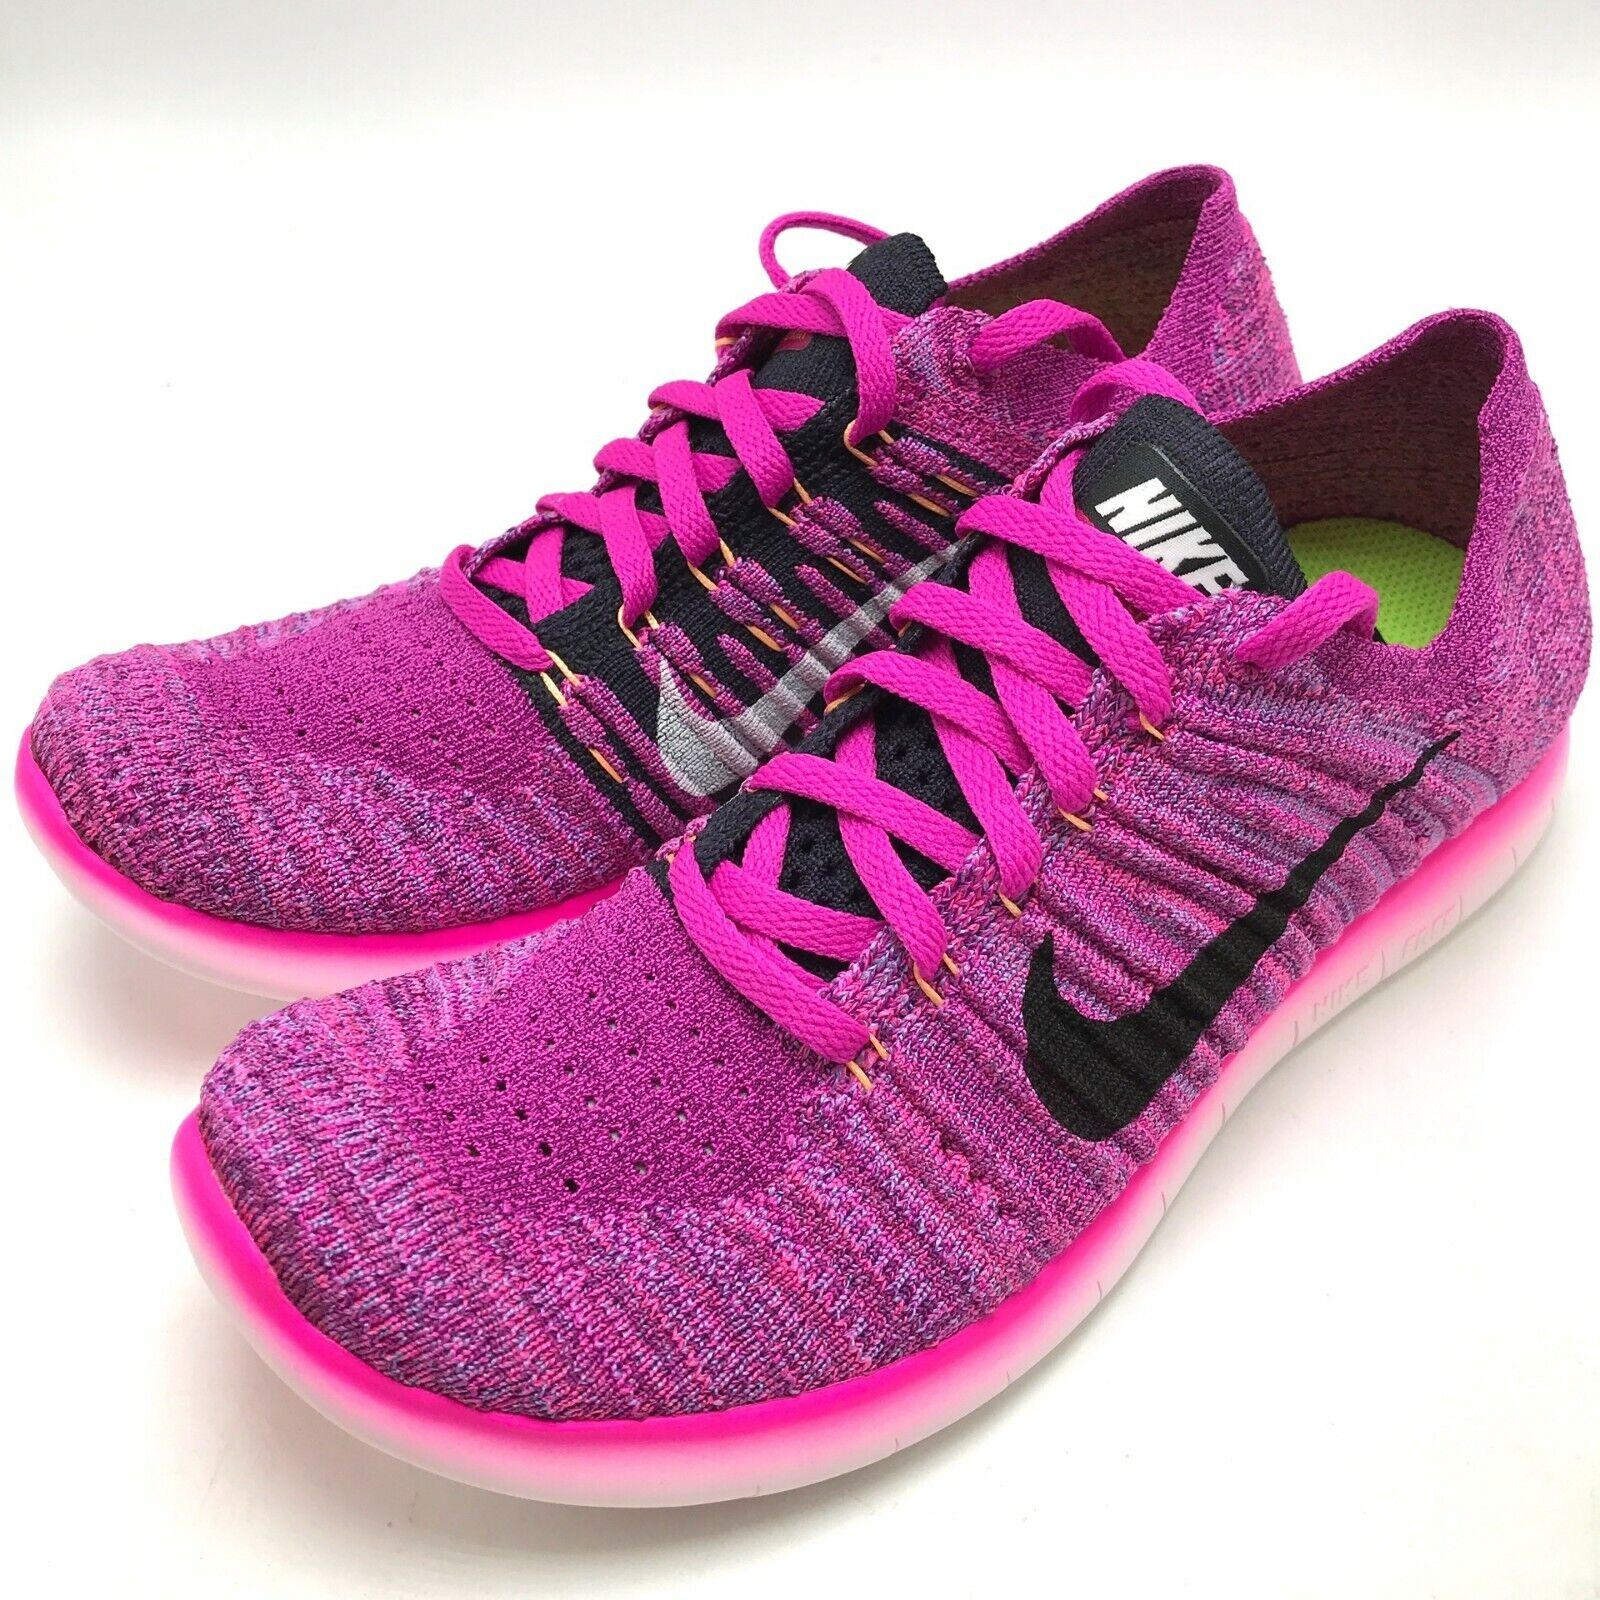 Nike Free RN Flyknit Women's shoes Fire Pink black 831070-601